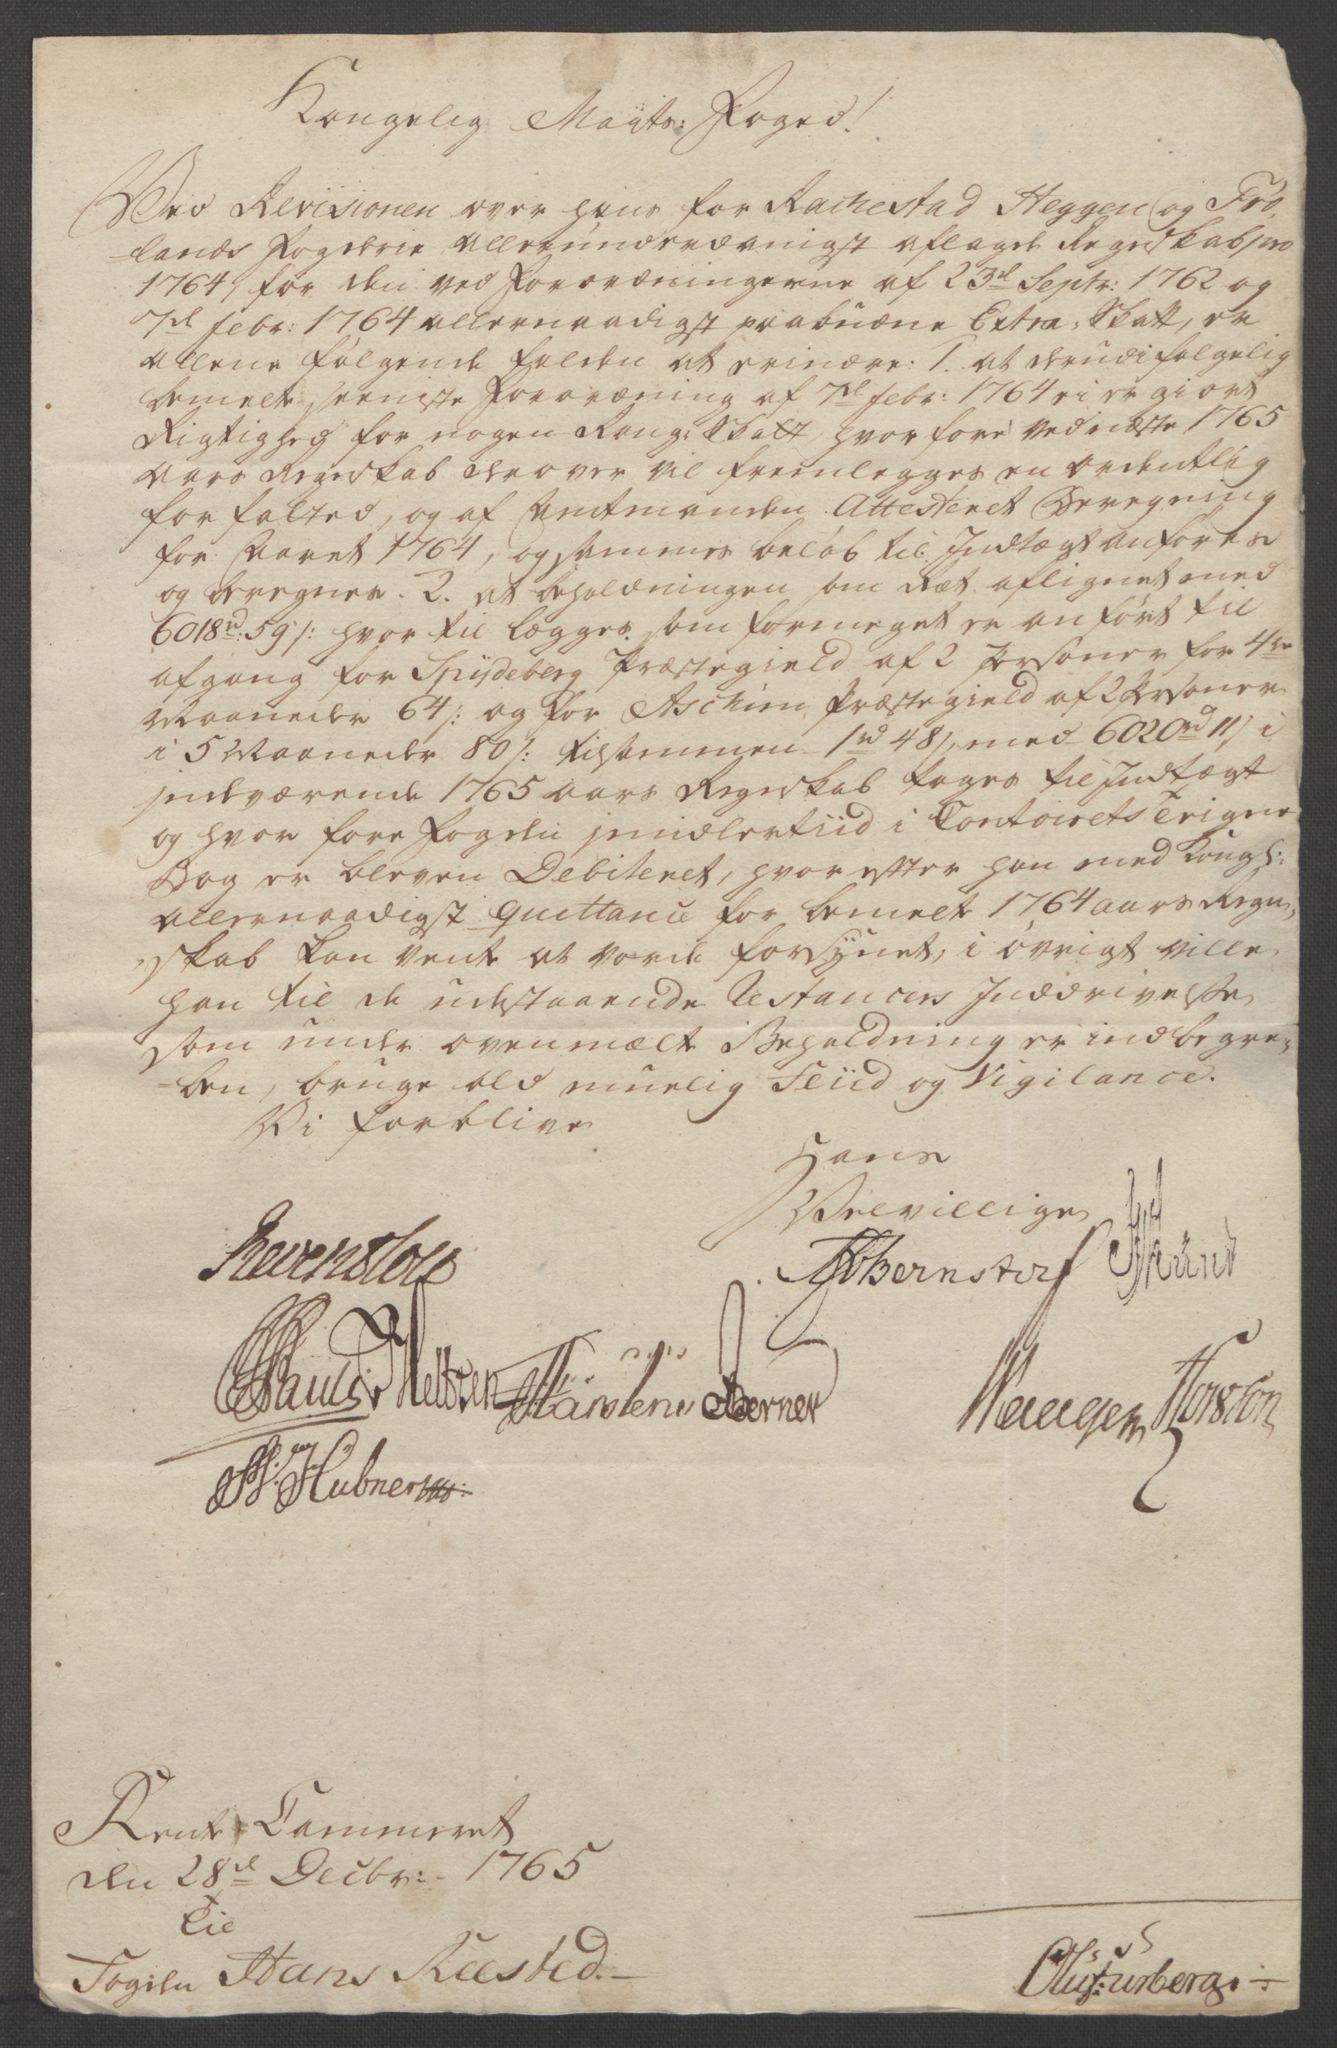 RA, Rentekammeret inntil 1814, Reviderte regnskaper, Fogderegnskap, R07/L0413: Ekstraskatten Rakkestad, Heggen og Frøland, 1762-1772, s. 303